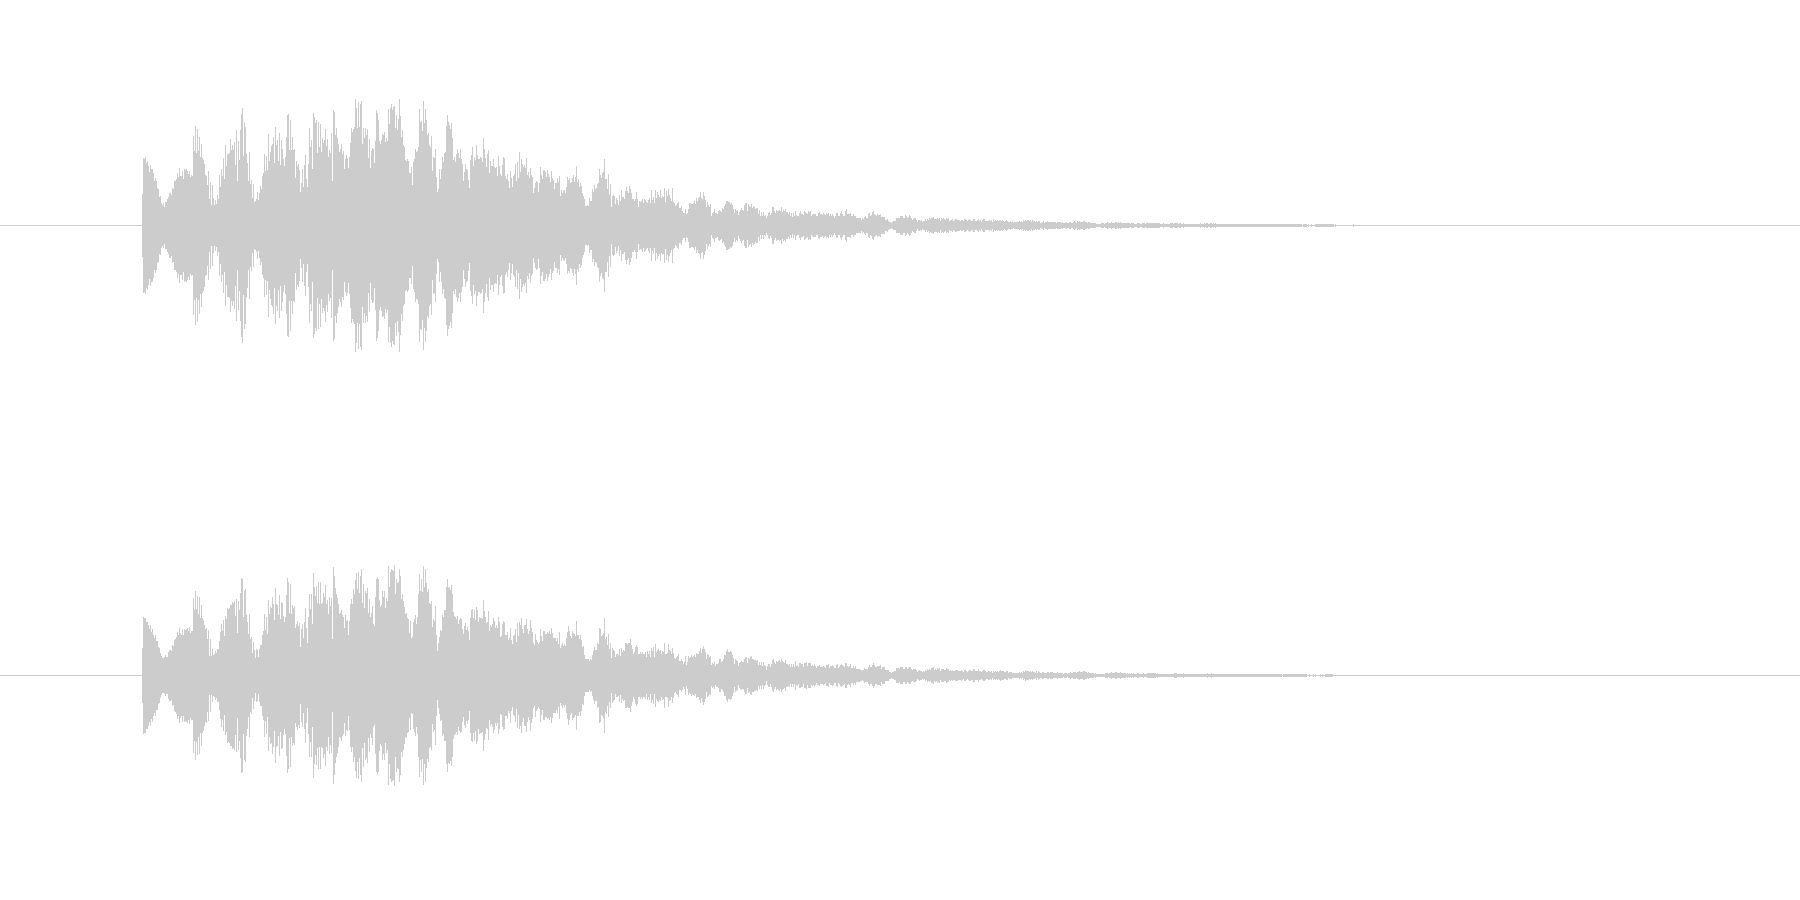 ティロリロリン(明るく綺麗なタイトル音)の未再生の波形